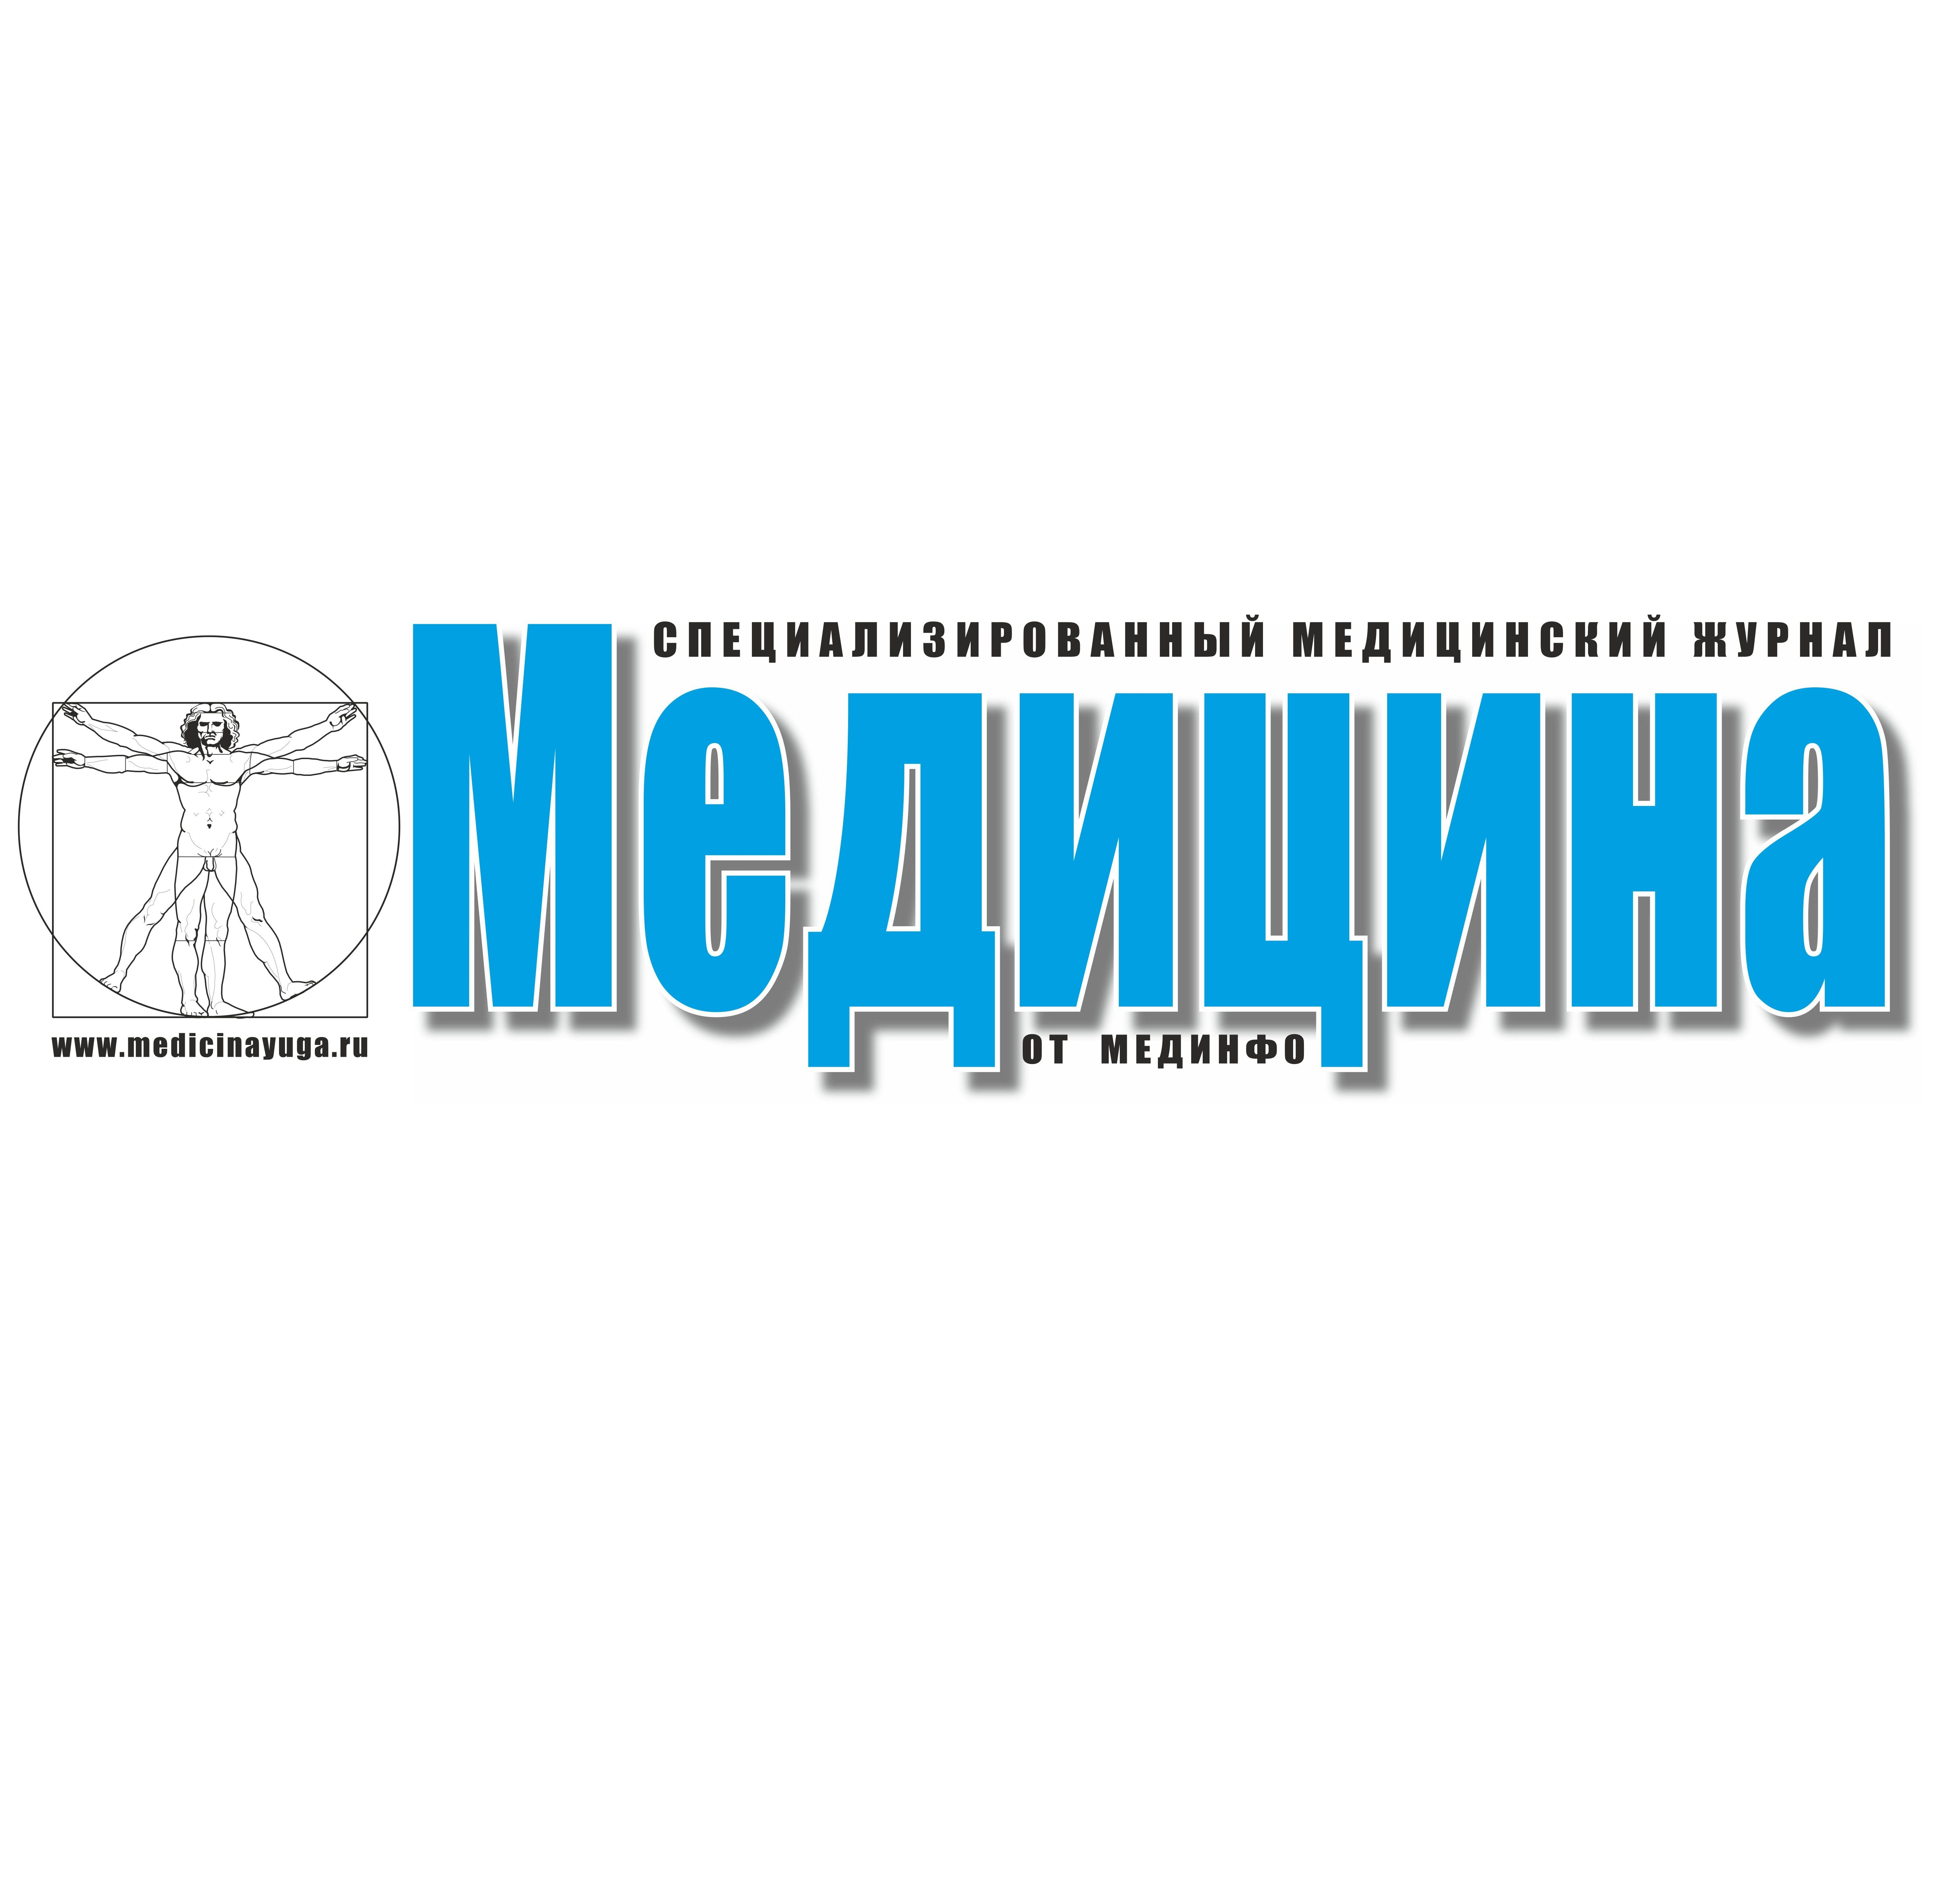 Специализированный медицинский журнал «Медицина»